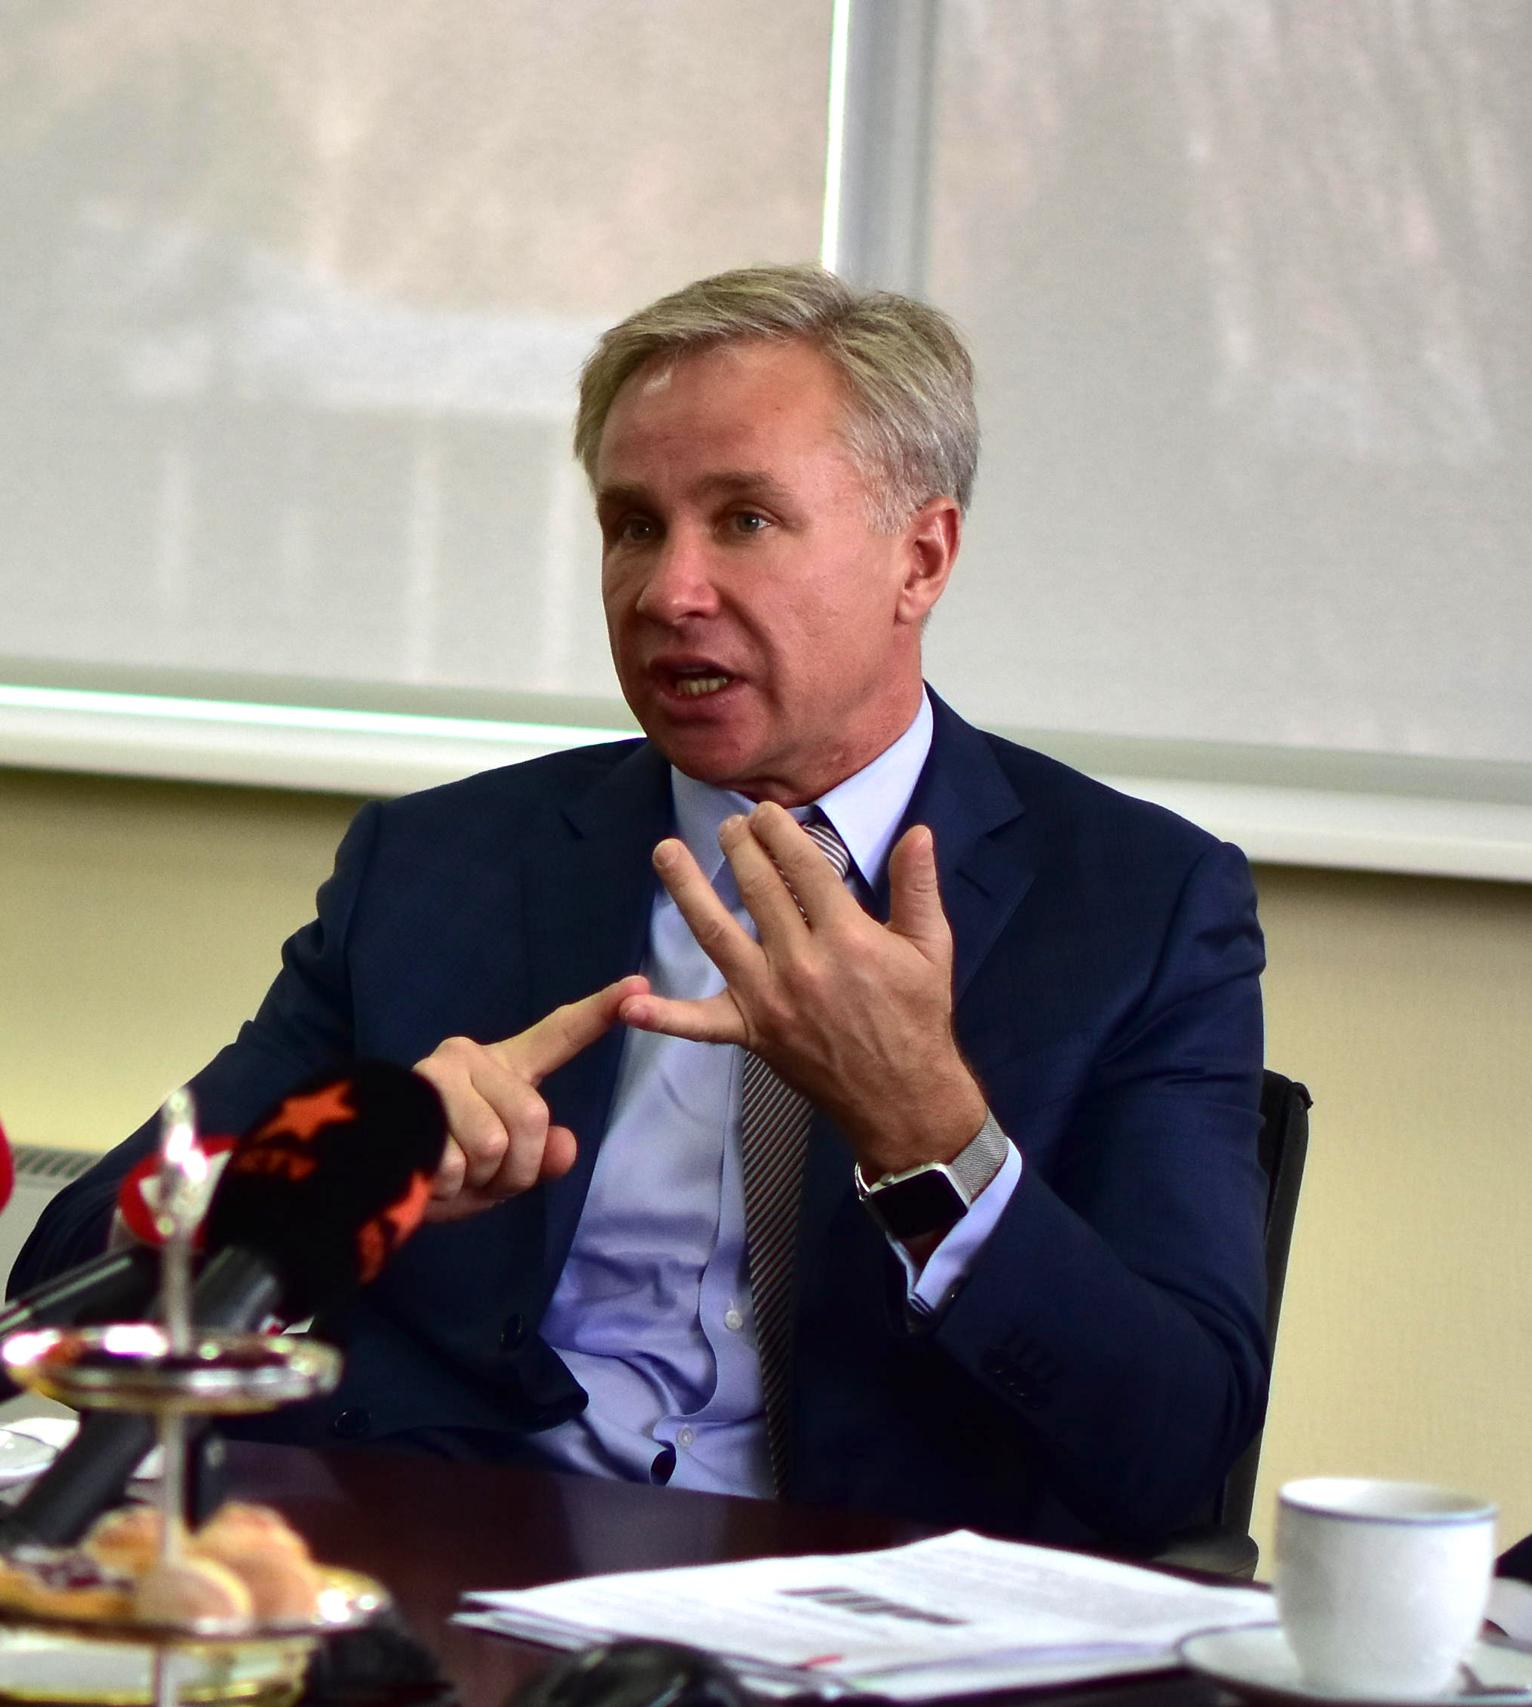 ЗОЛОТО КОСЮКА: владелец МХП Юрий Косюк оглавной ценности компании, трансформации ивлиянии счастья на бизнес